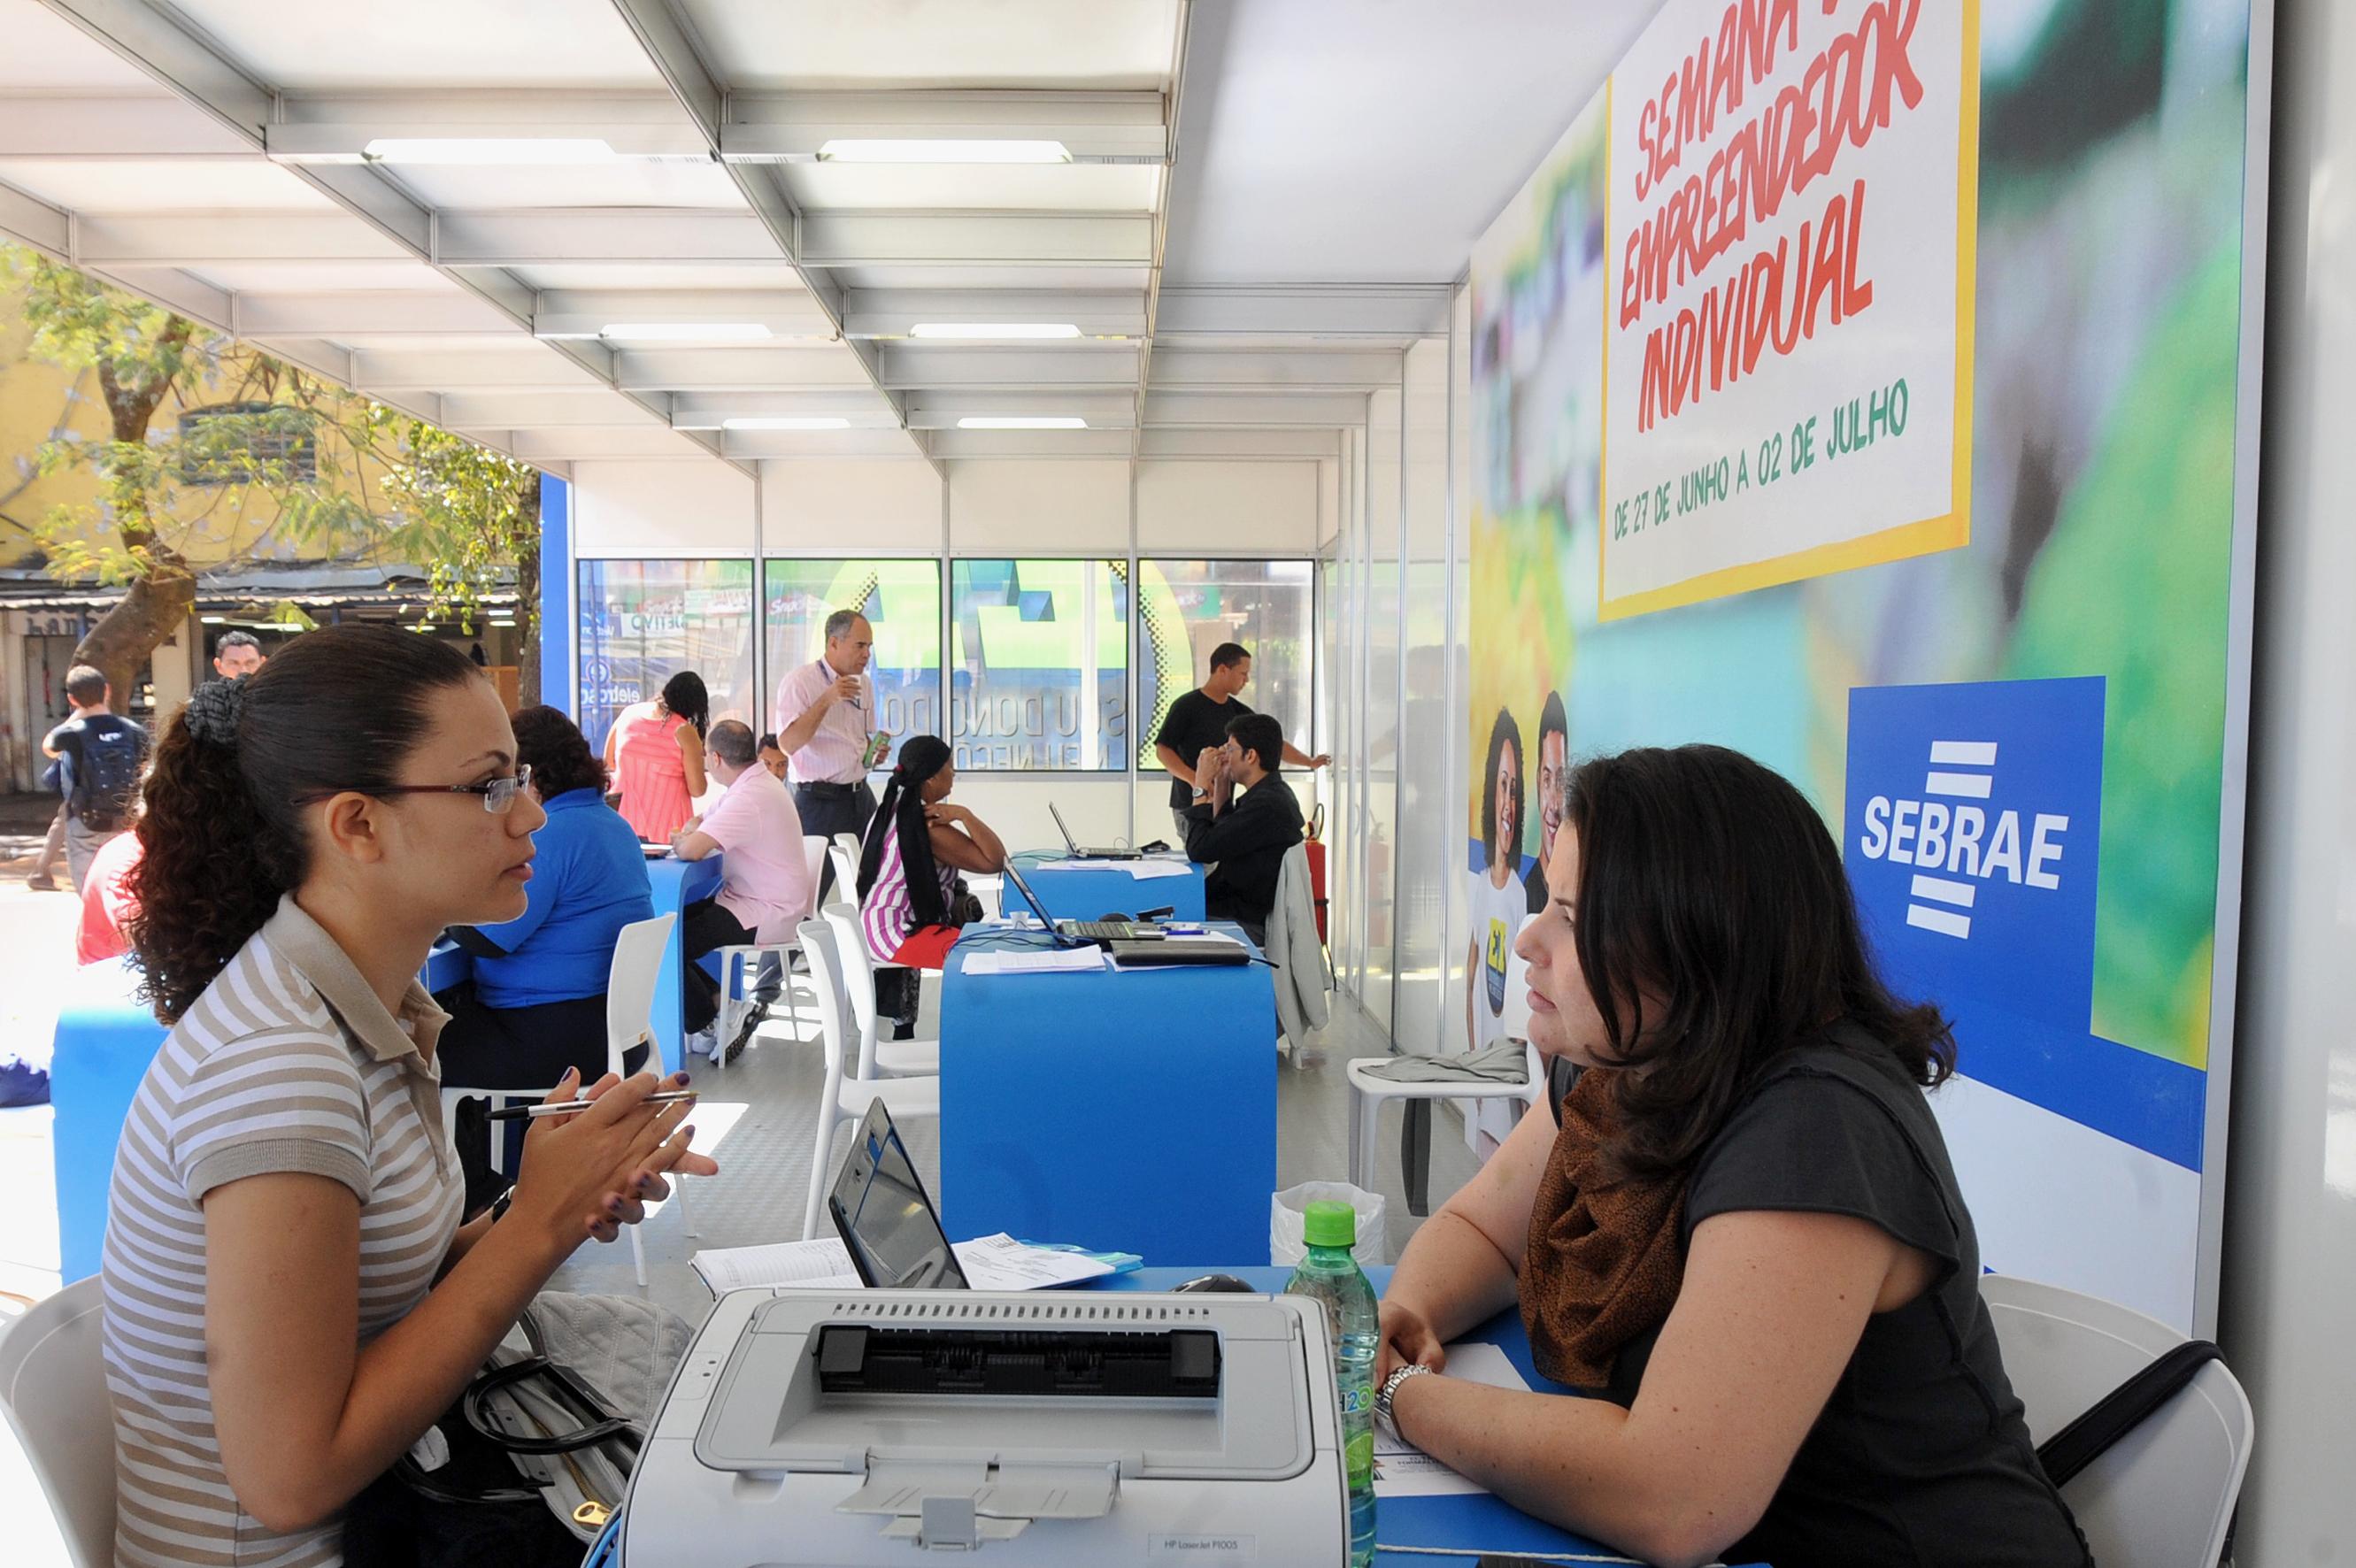 Somente 17% dos brasileiros acreditam que governo faz um bom trabalho para apoiar o empreendedorismo.